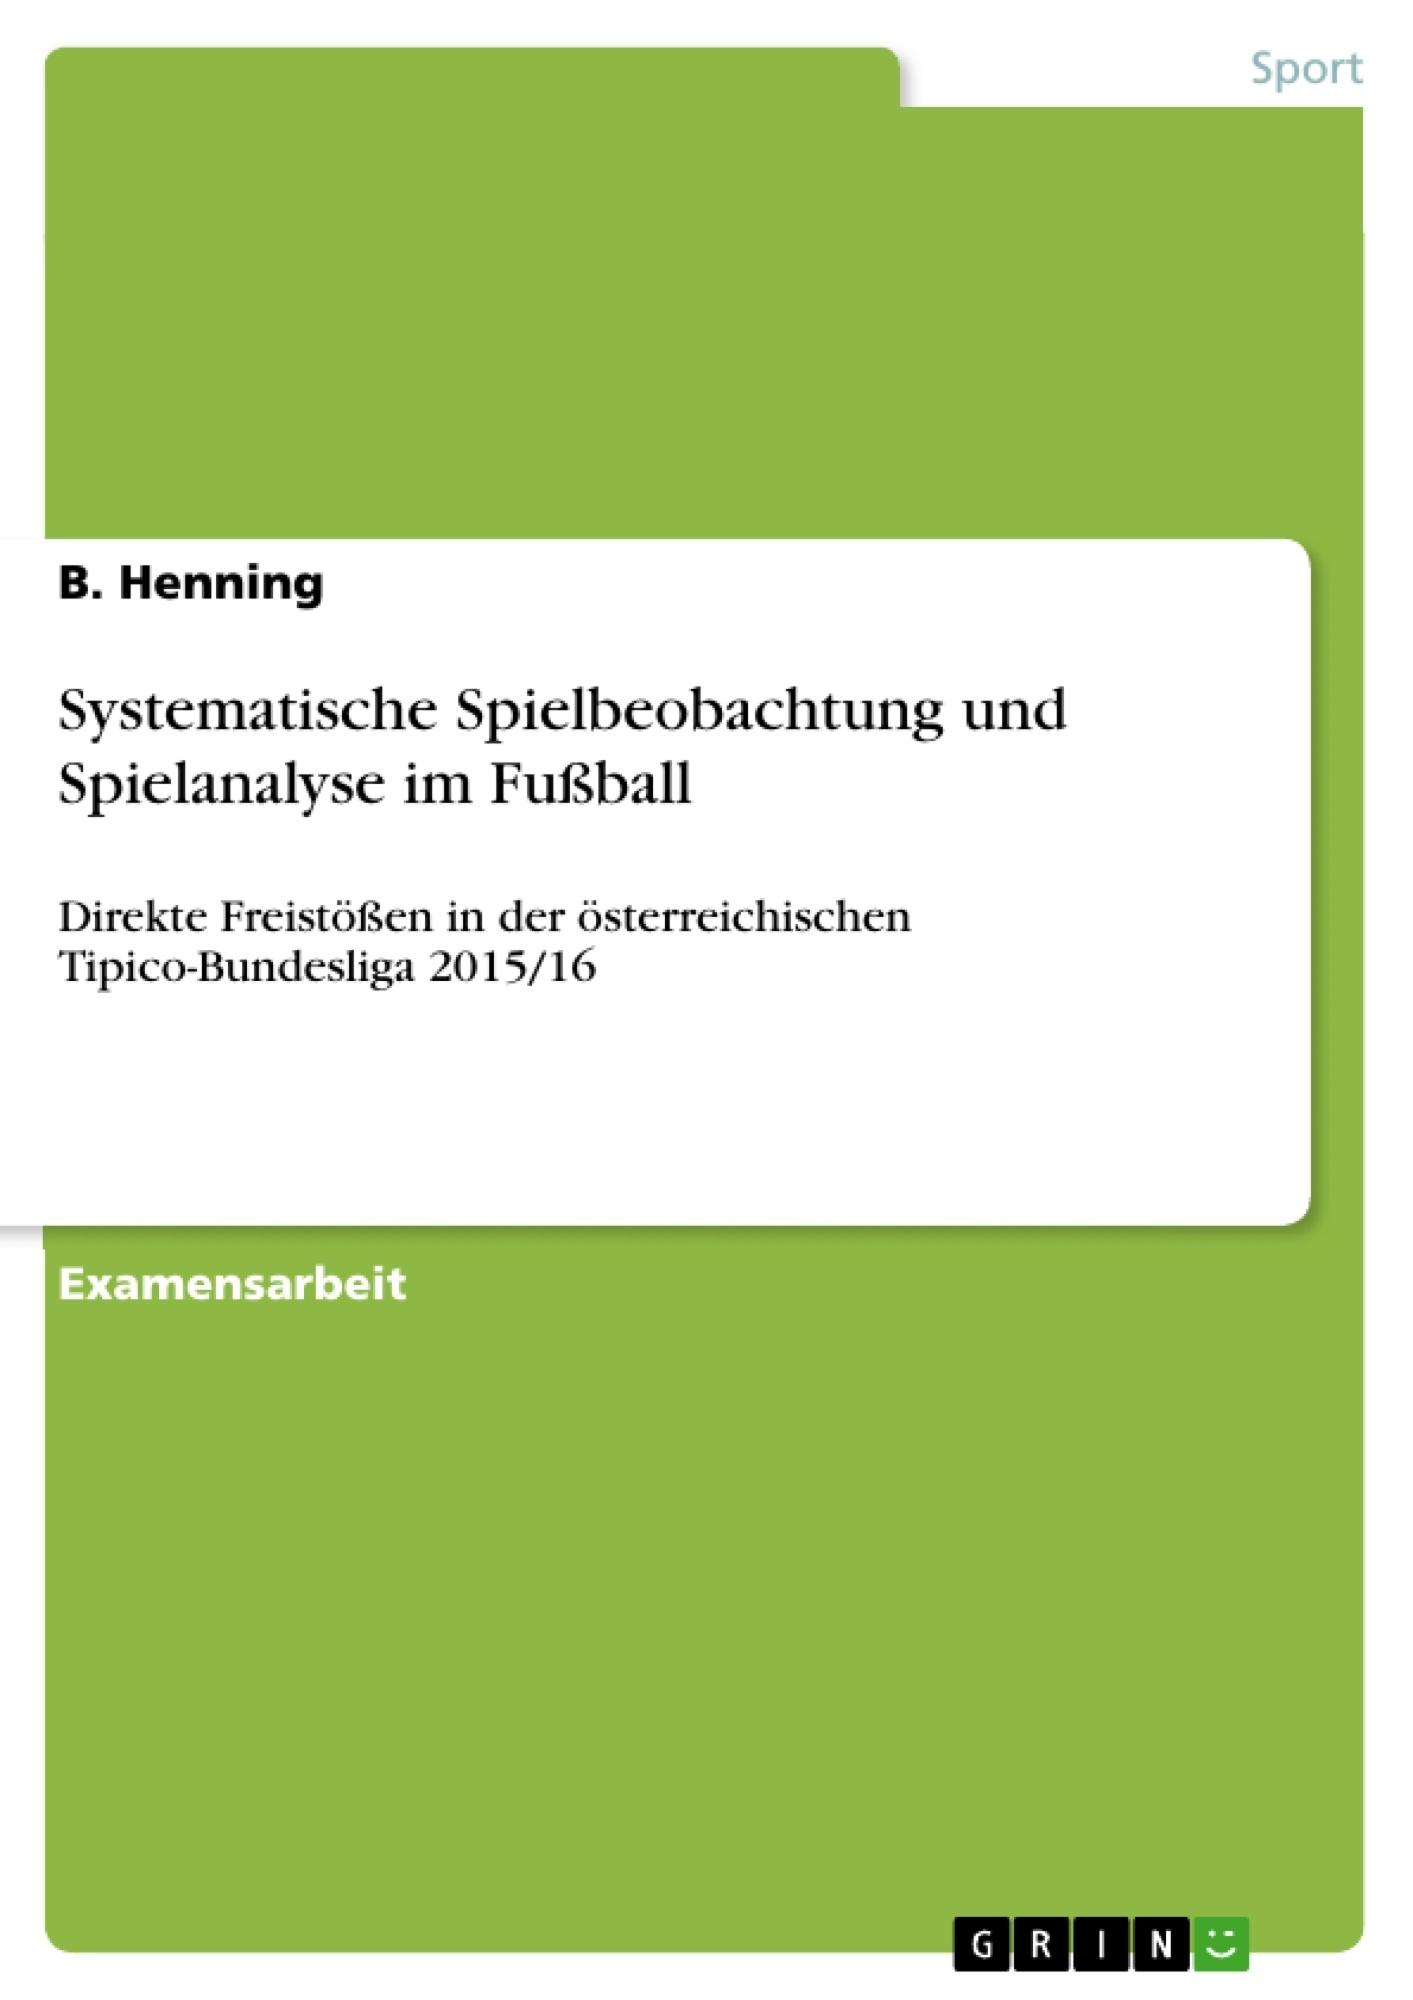 Titel: Systematische Spielbeobachtung und Spielanalyse im Fußball